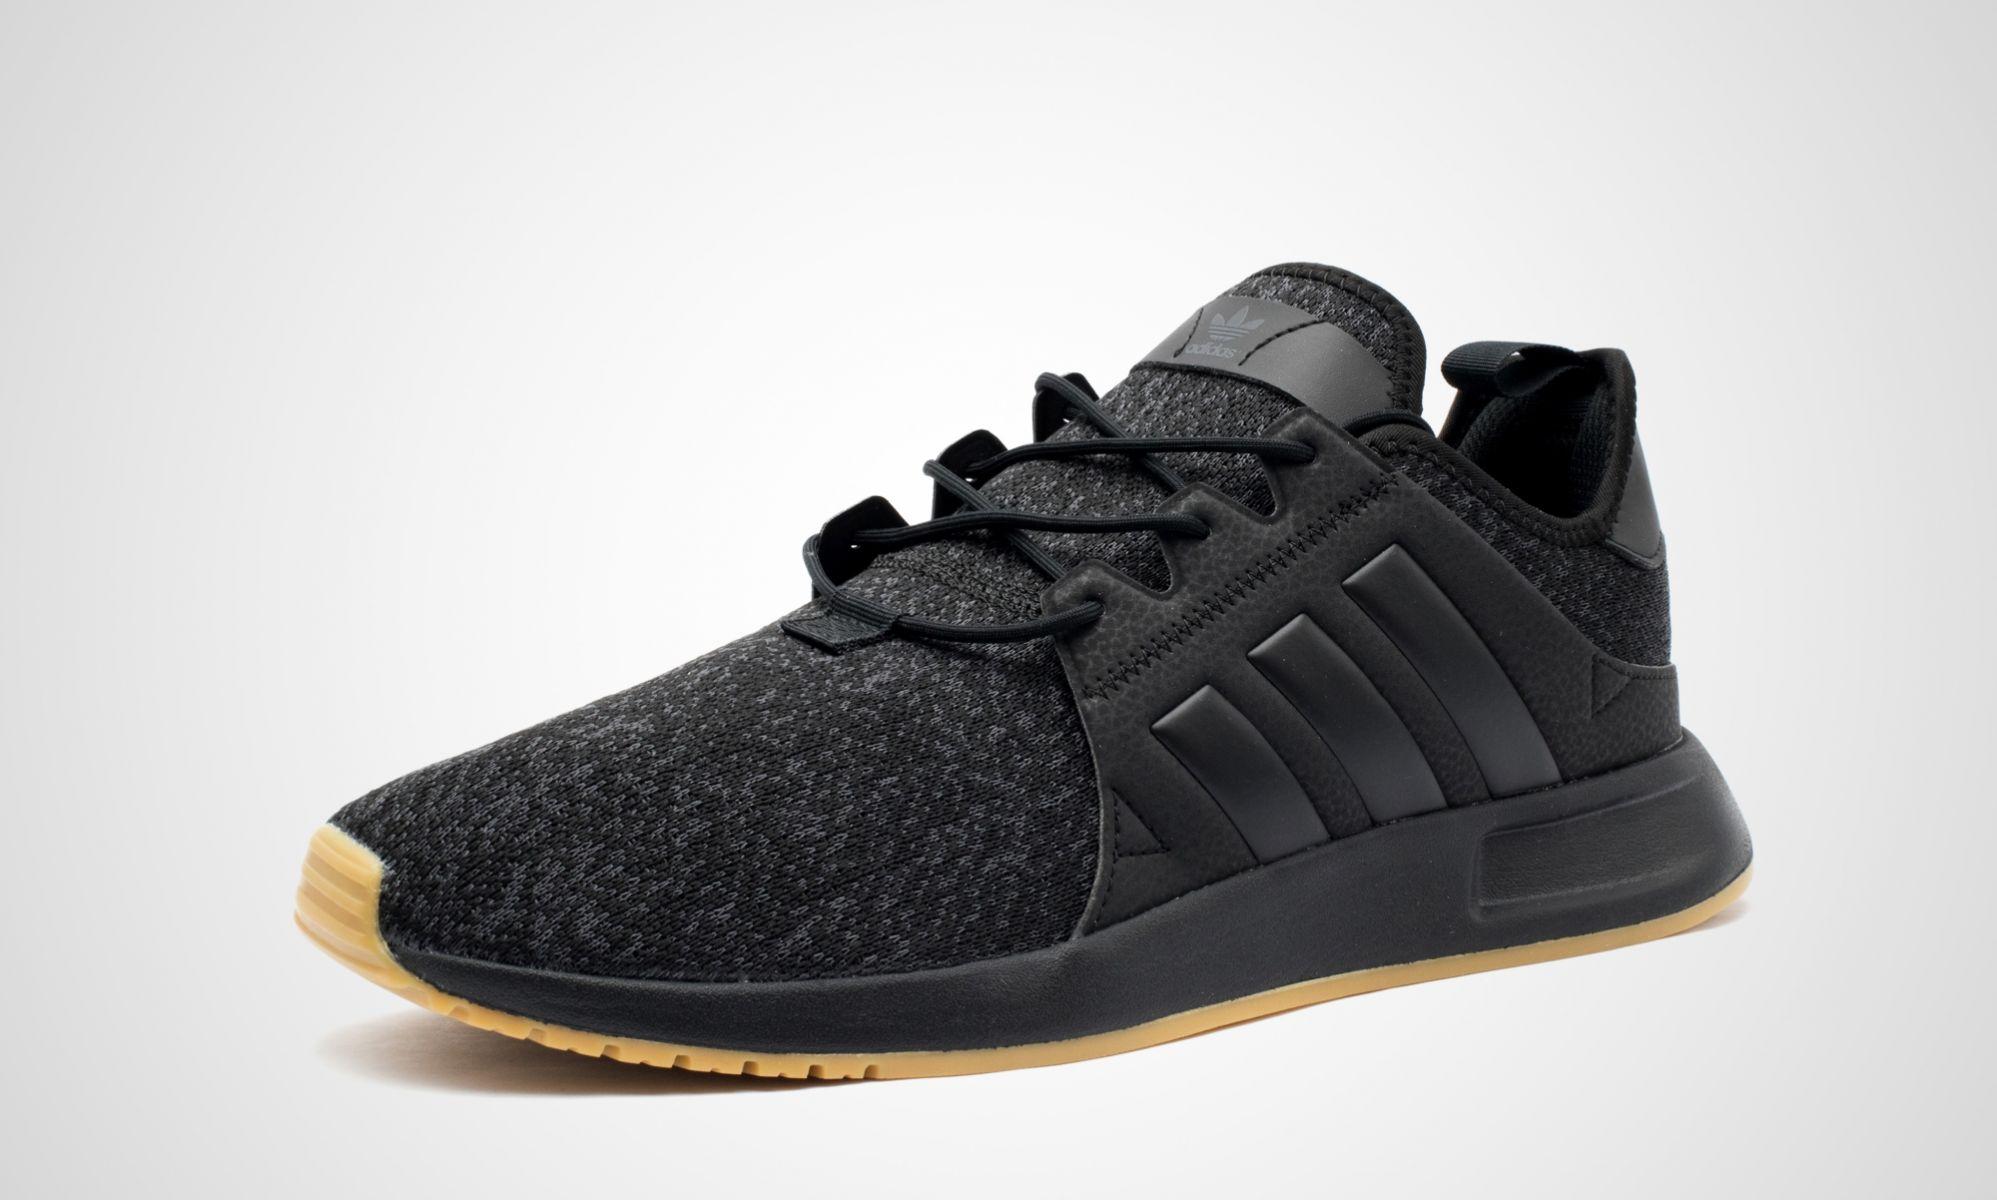 Adidas Originals Trefoil Scarpe Sneakers Trainers Sportive Nero X PLR Uomo  201 6 6 di 12 ... e1eba12da875